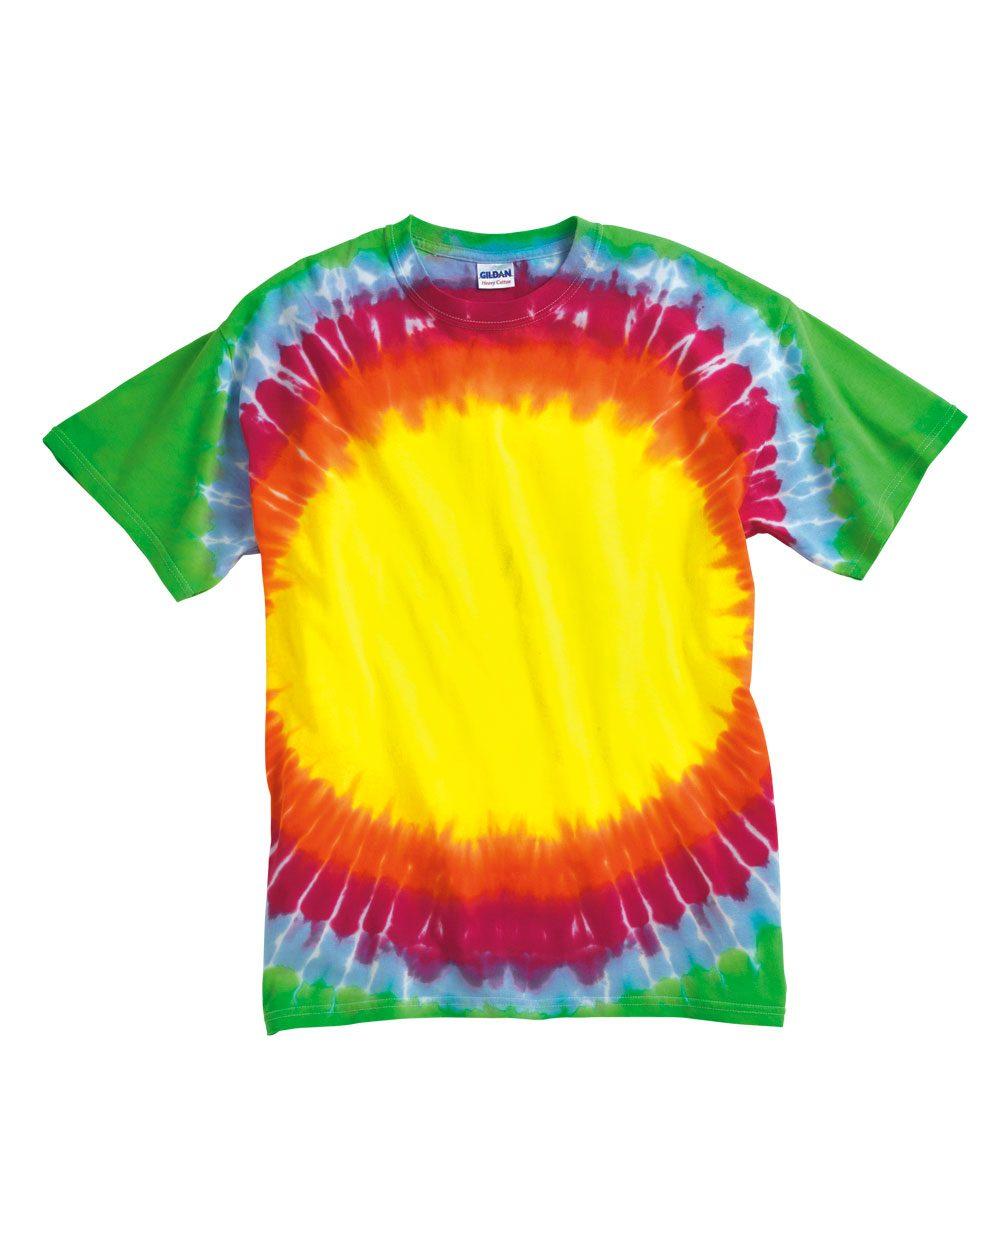 e7fea9a3 Tie Dye Shirts Youth | RLDM